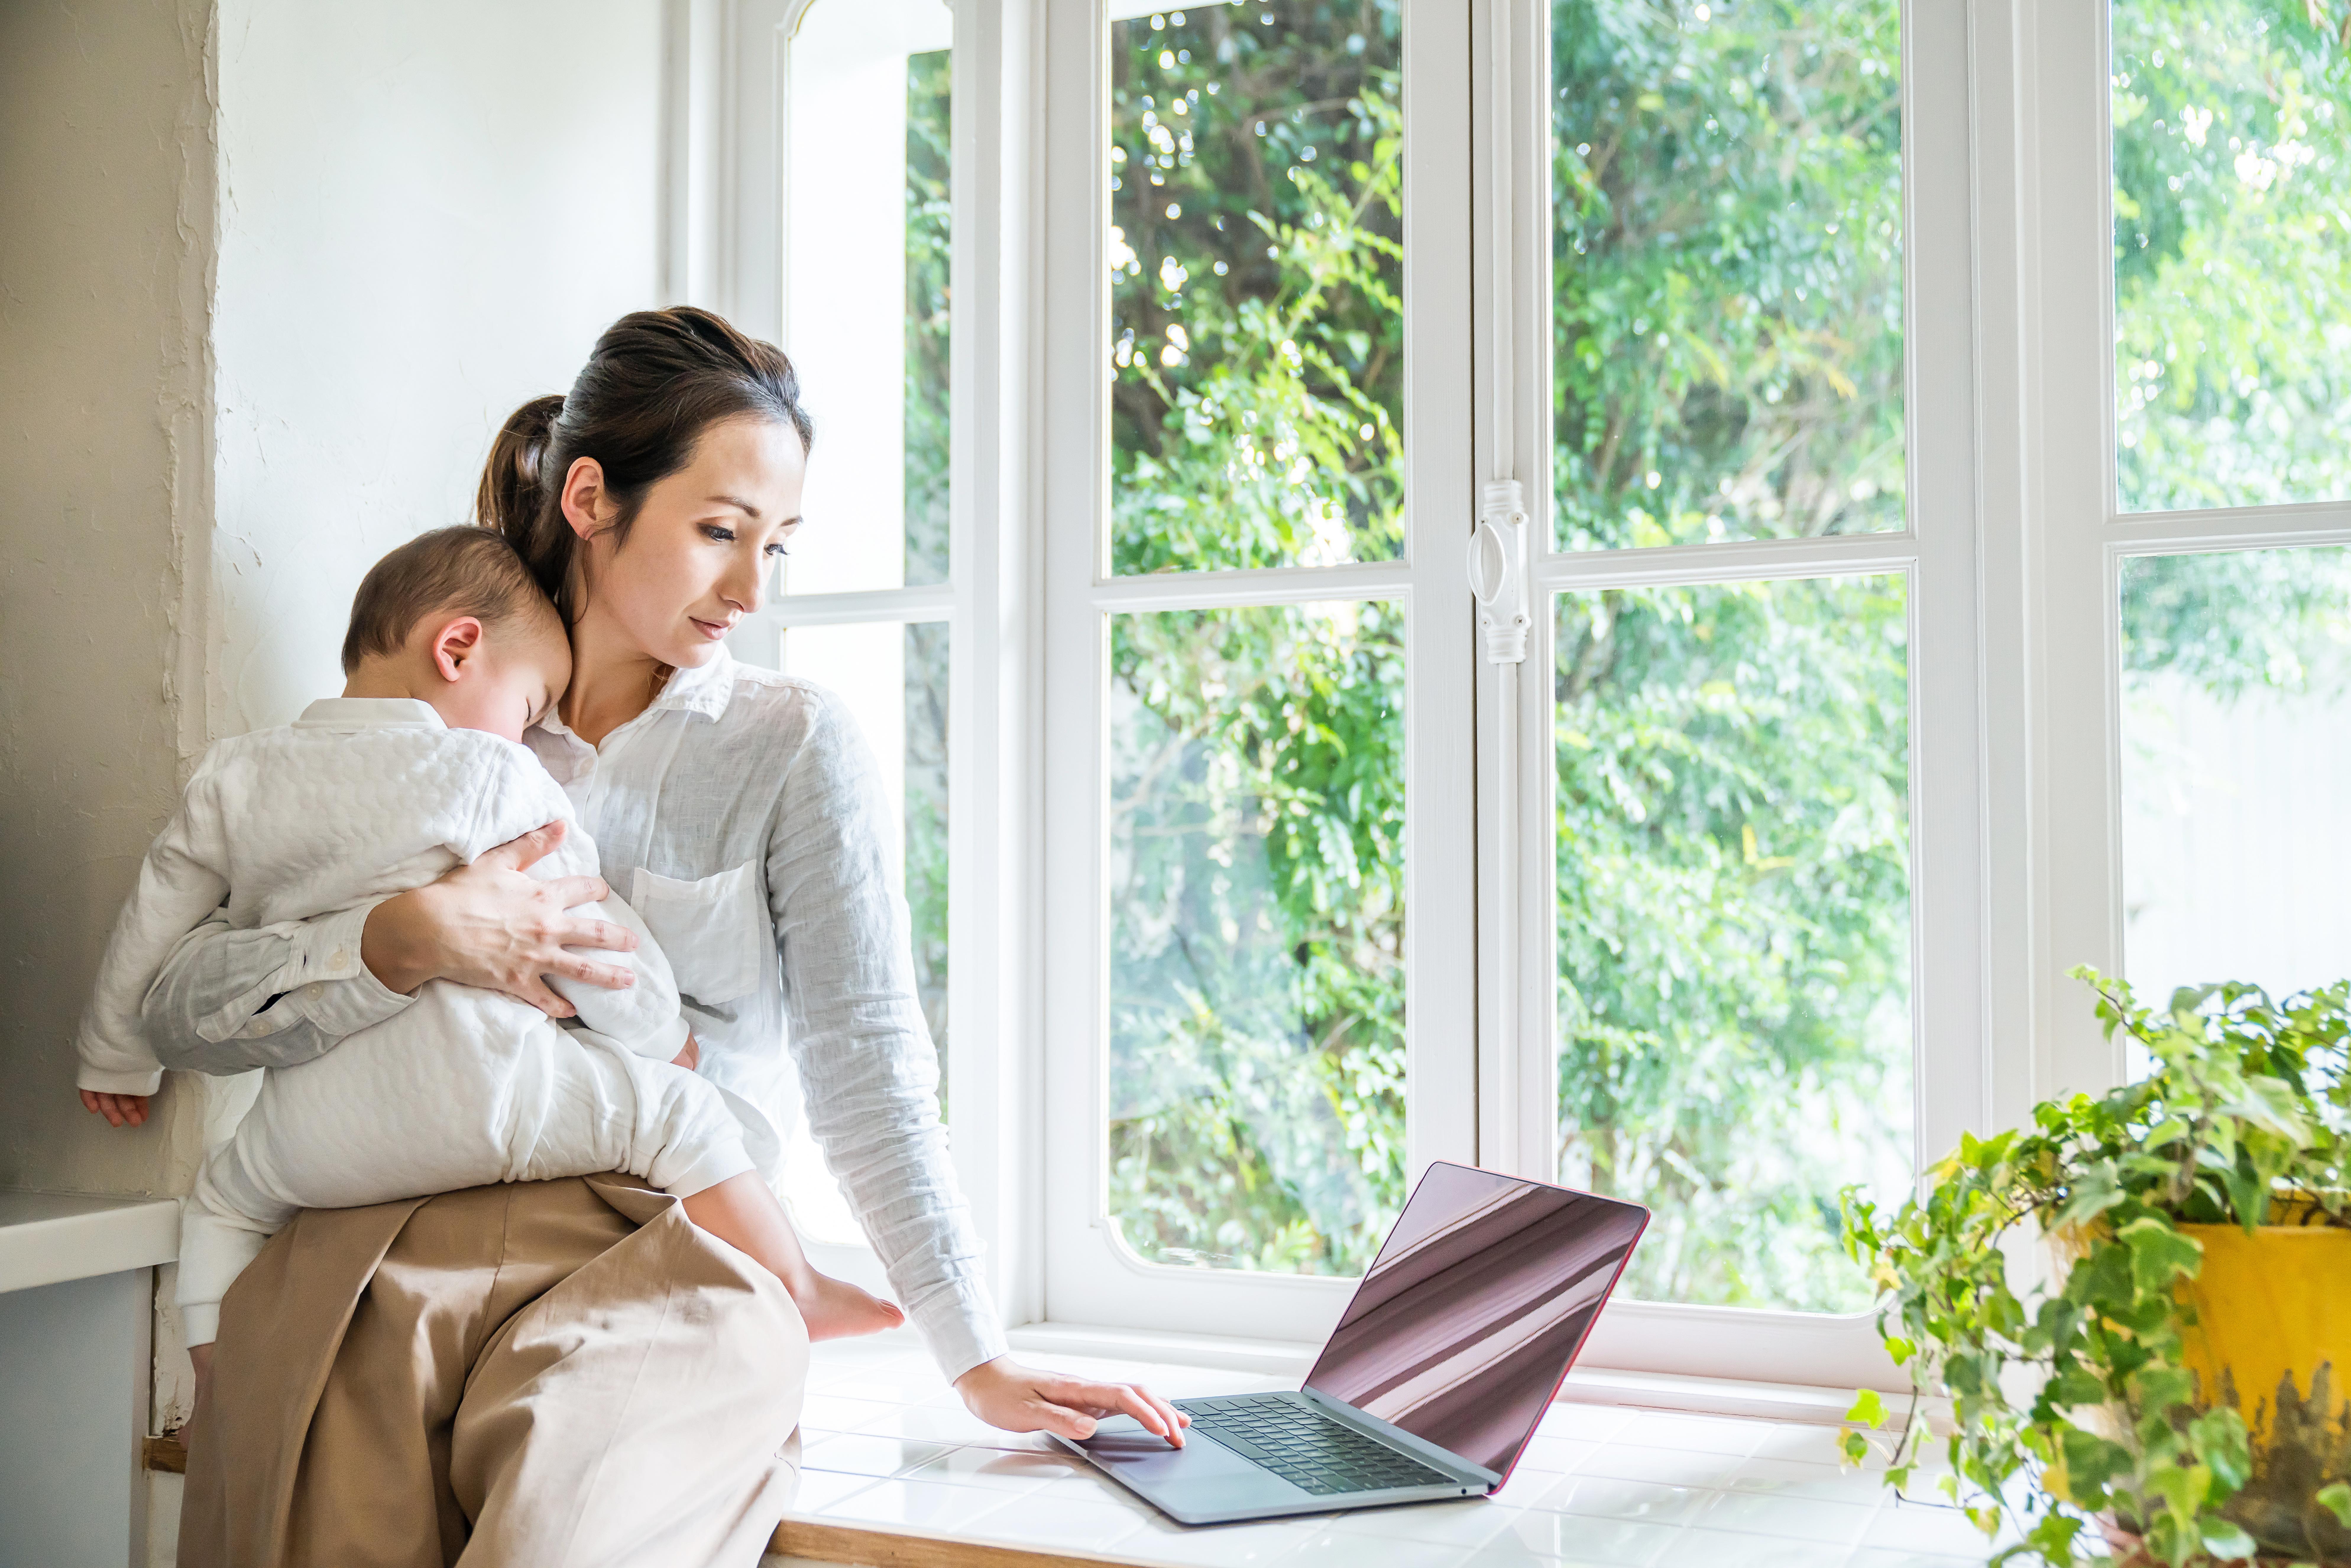 しっかり考えよう!母子家庭のリアルな生活設計と手当の種類